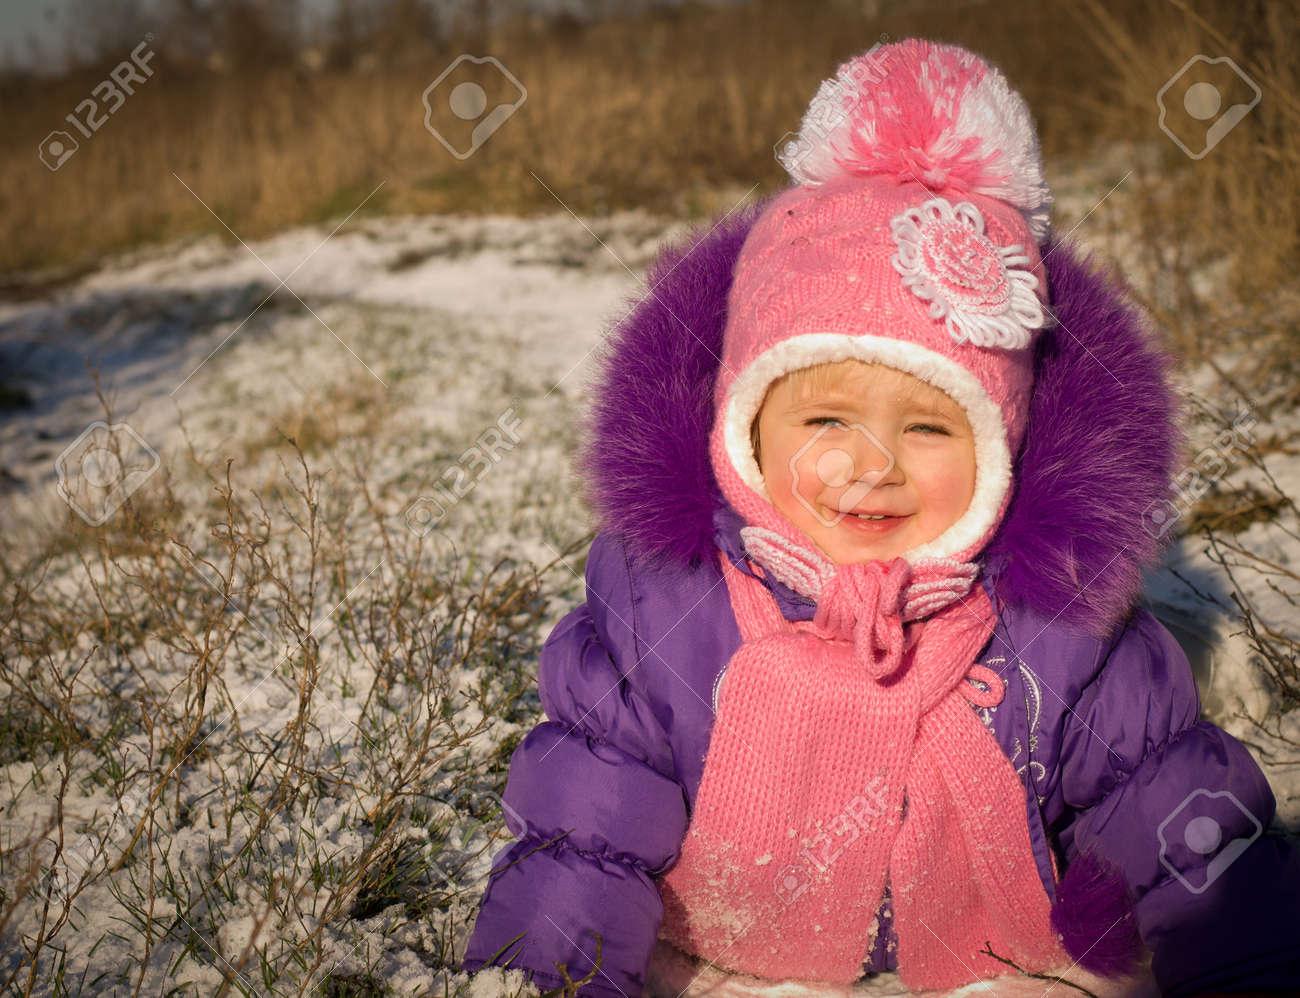 Portrait of happy little girl in snowy landscape - 24370450